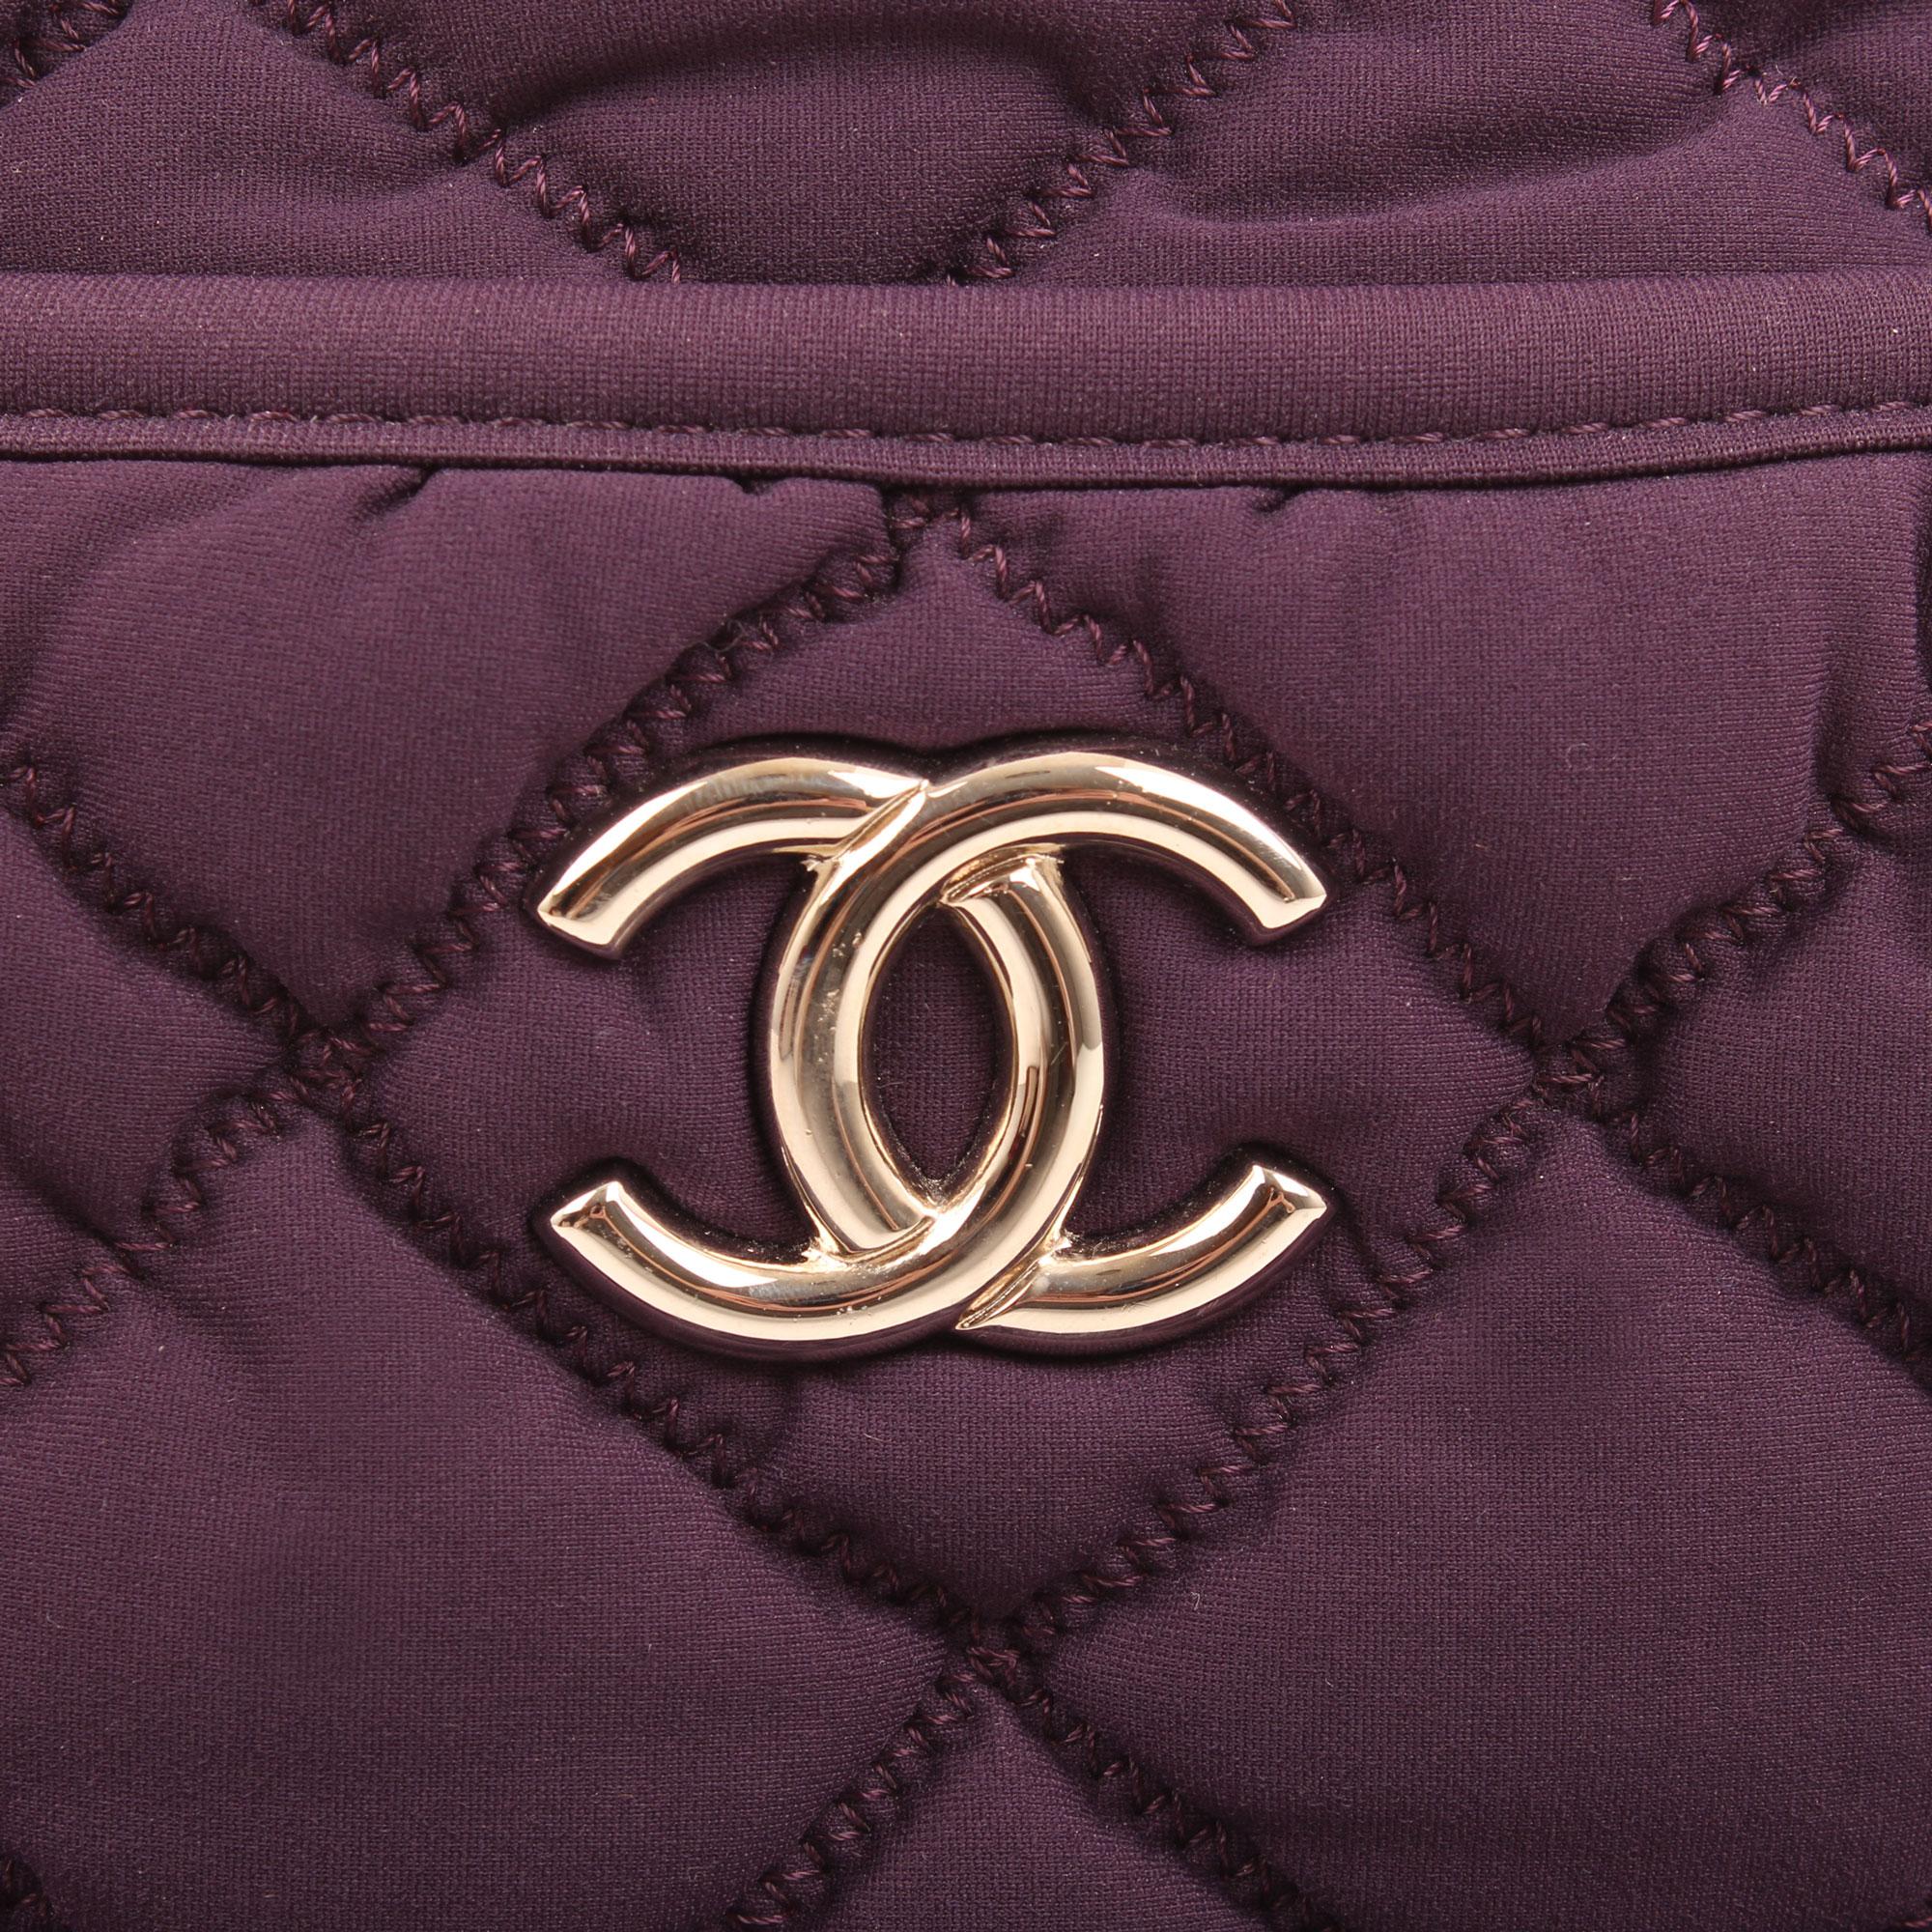 Imagen del detalle del logo del bolso chanel bubble algodon morado detalle